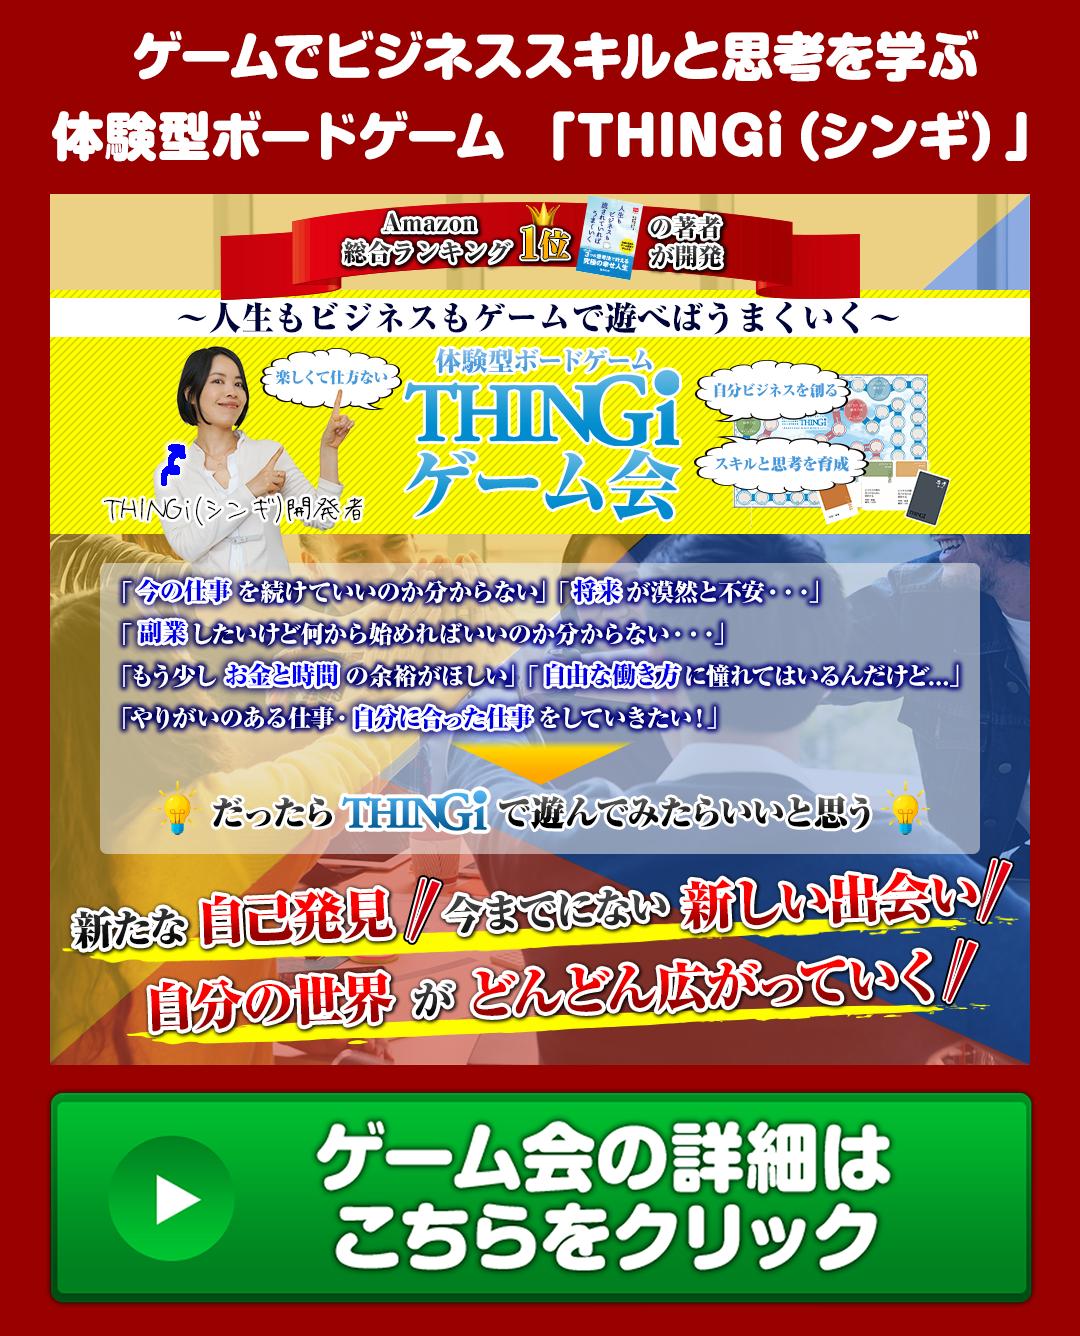 体験型ボードゲーム「THINGi(シンギ)」ゲーム会